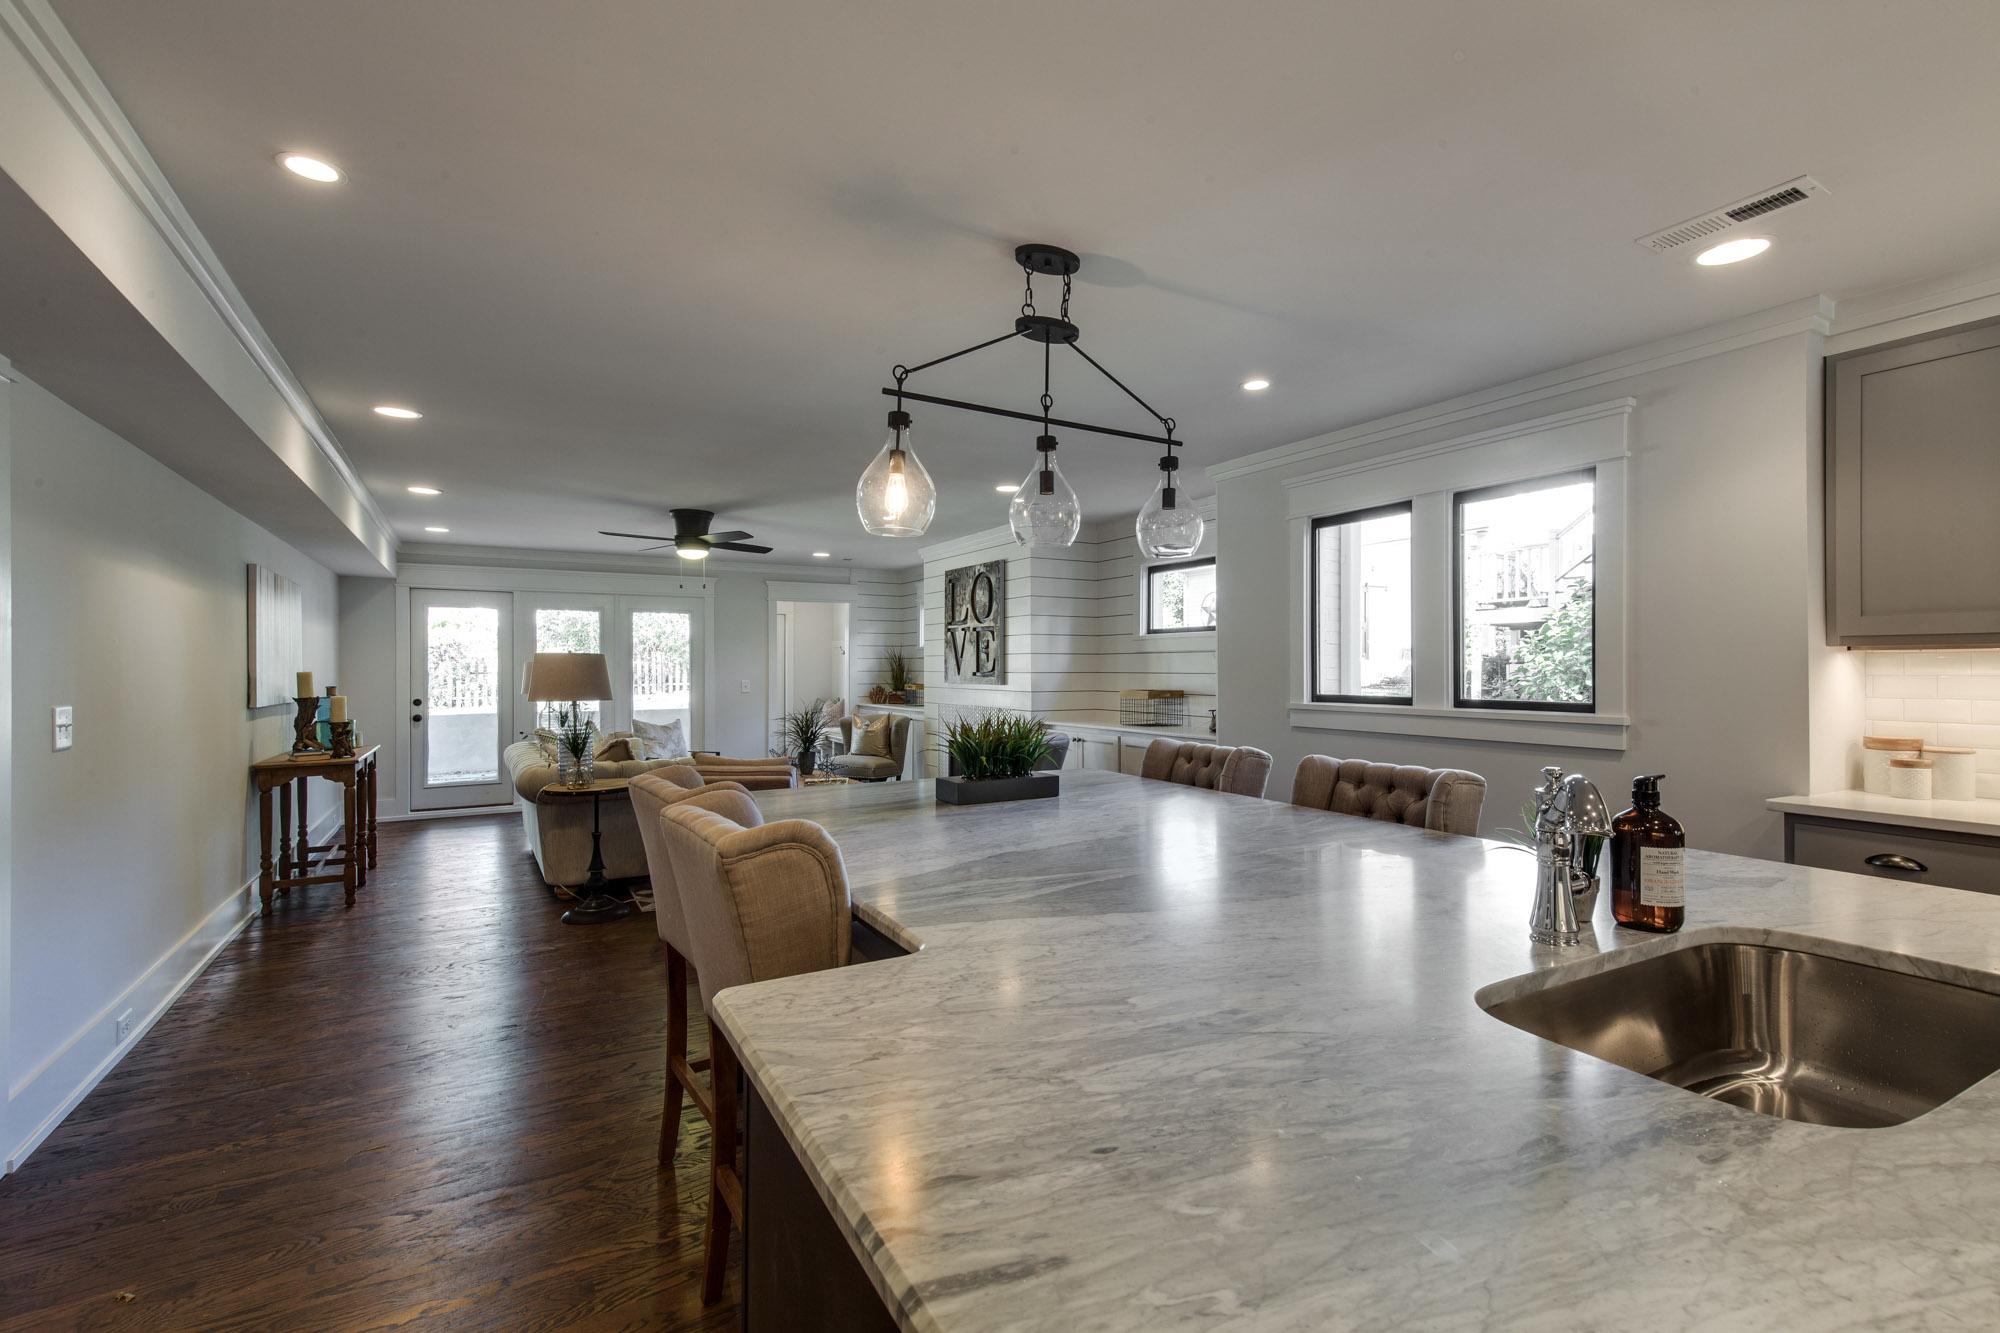 nashville-home-remodel-renovation-custom-home-tennessee-britt-development-group-1019.jpg